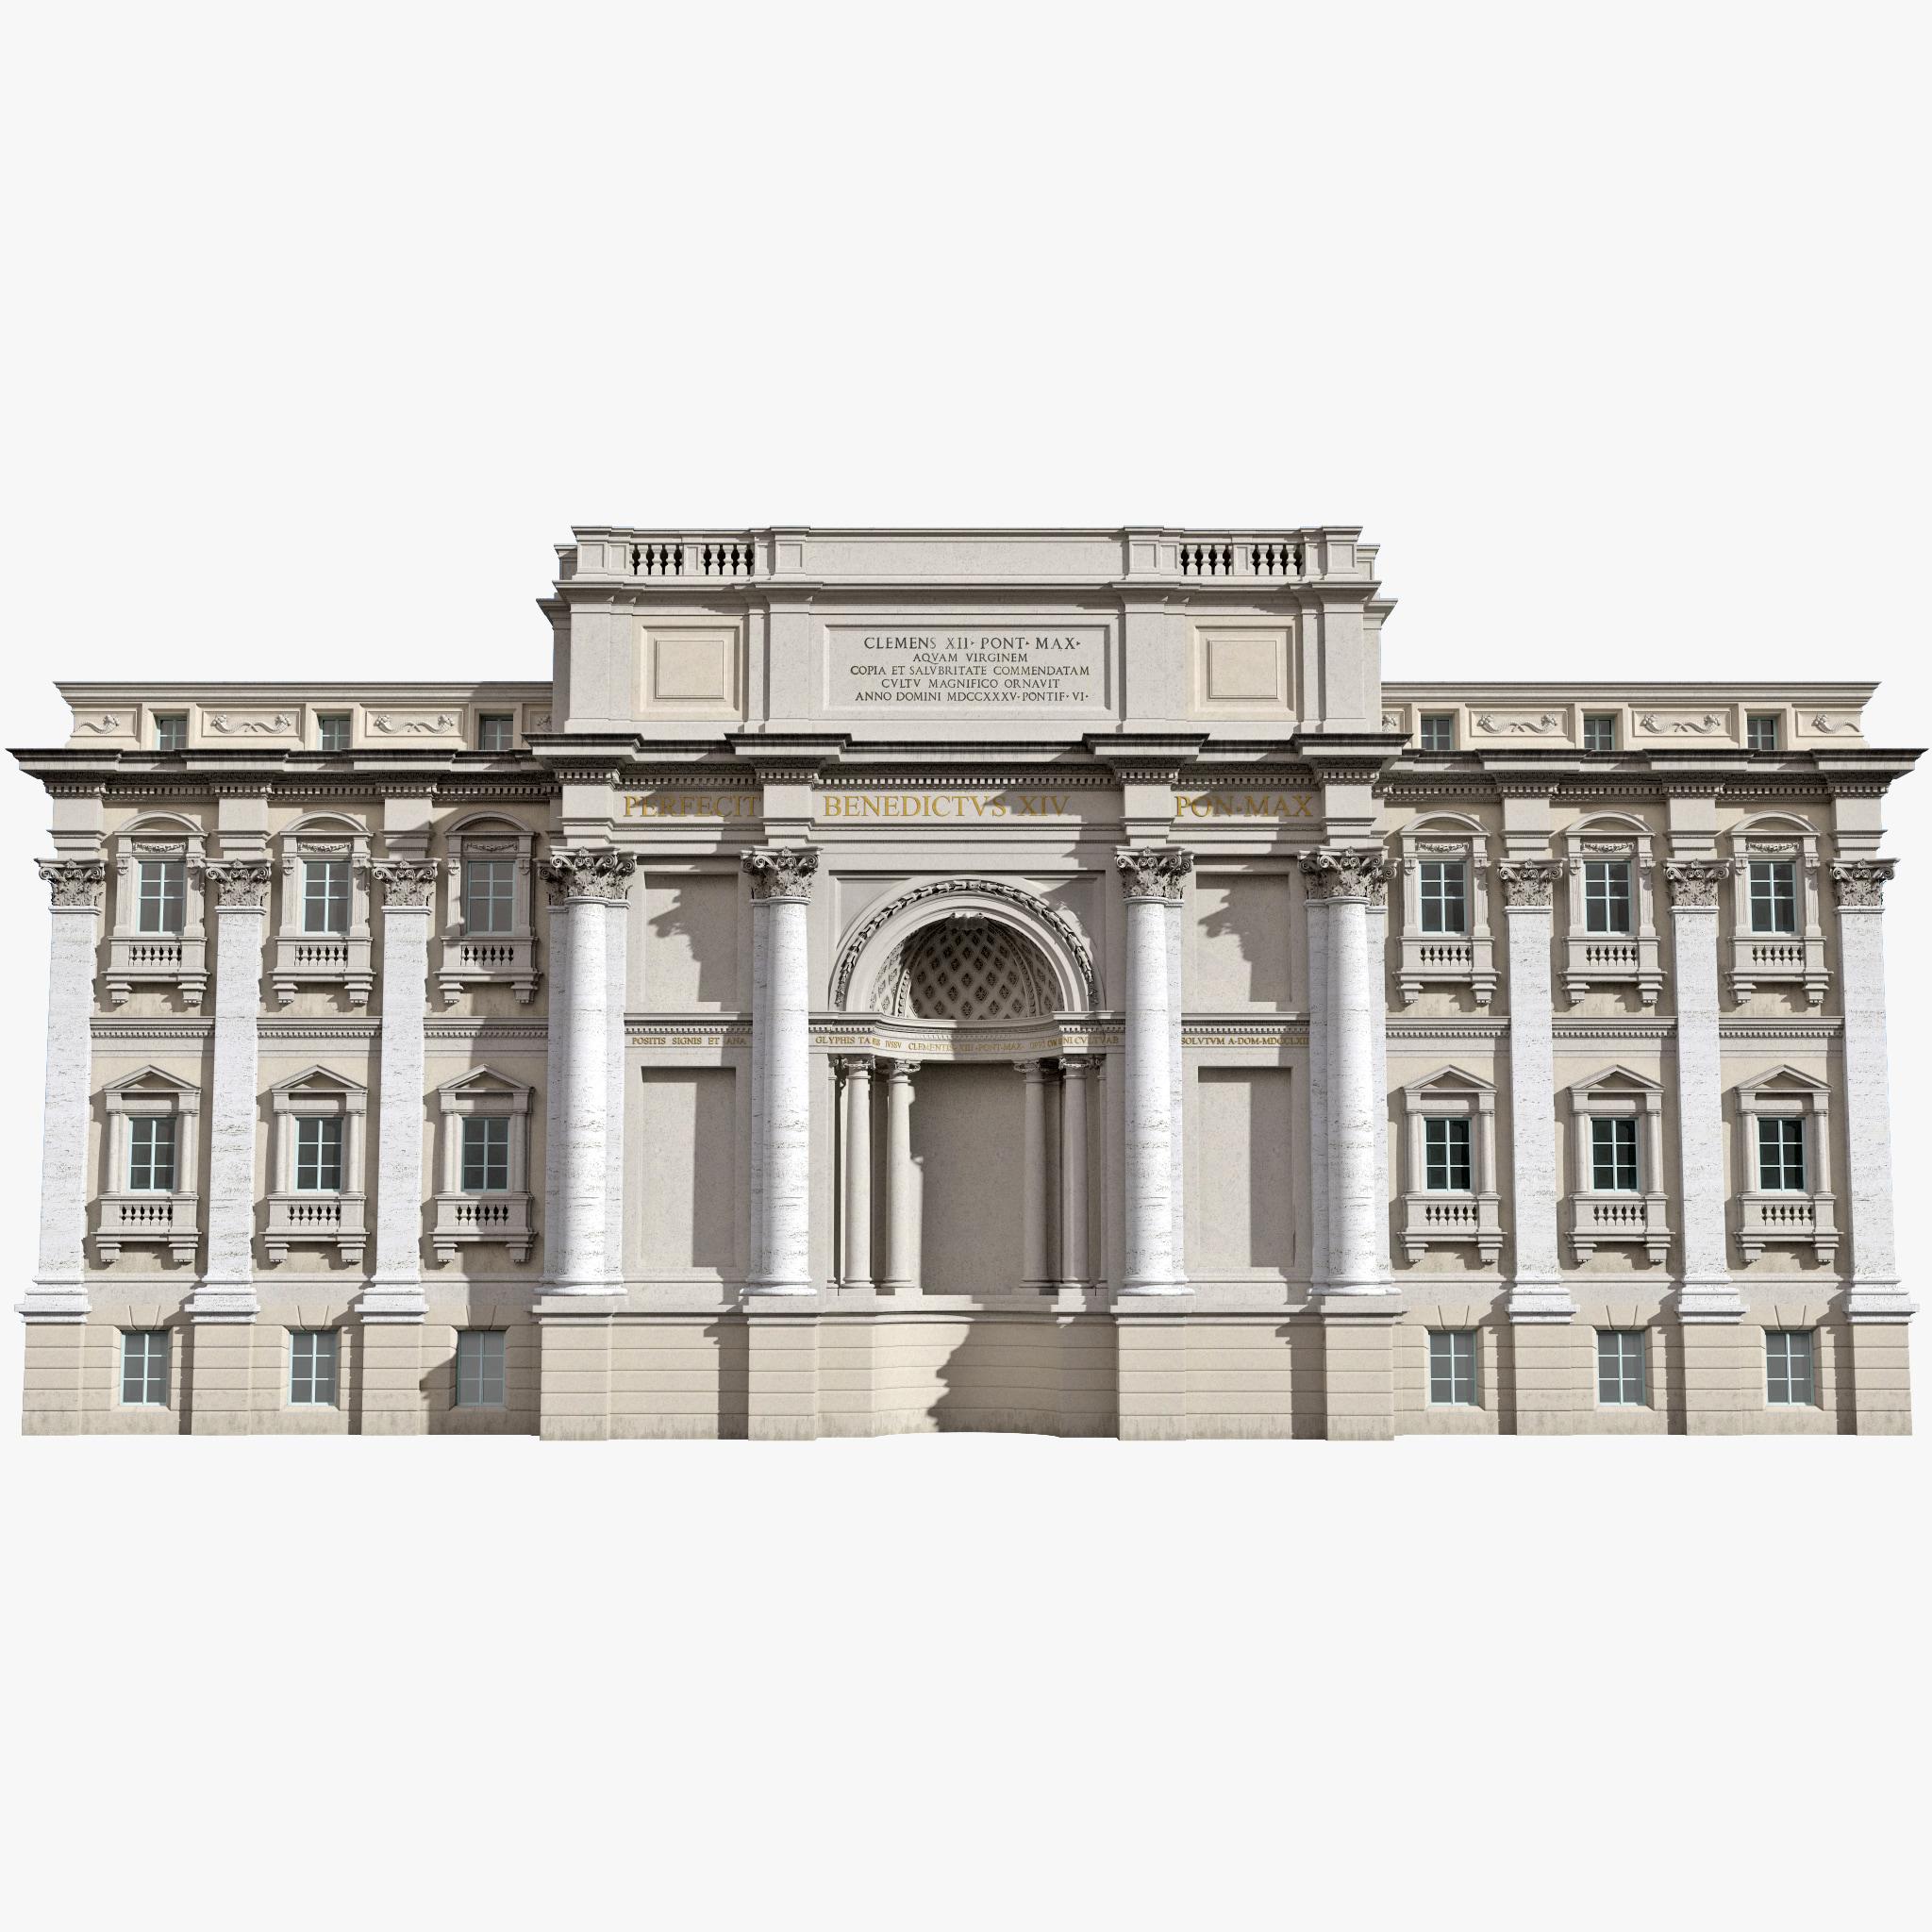 c4d trevi fountain building facade